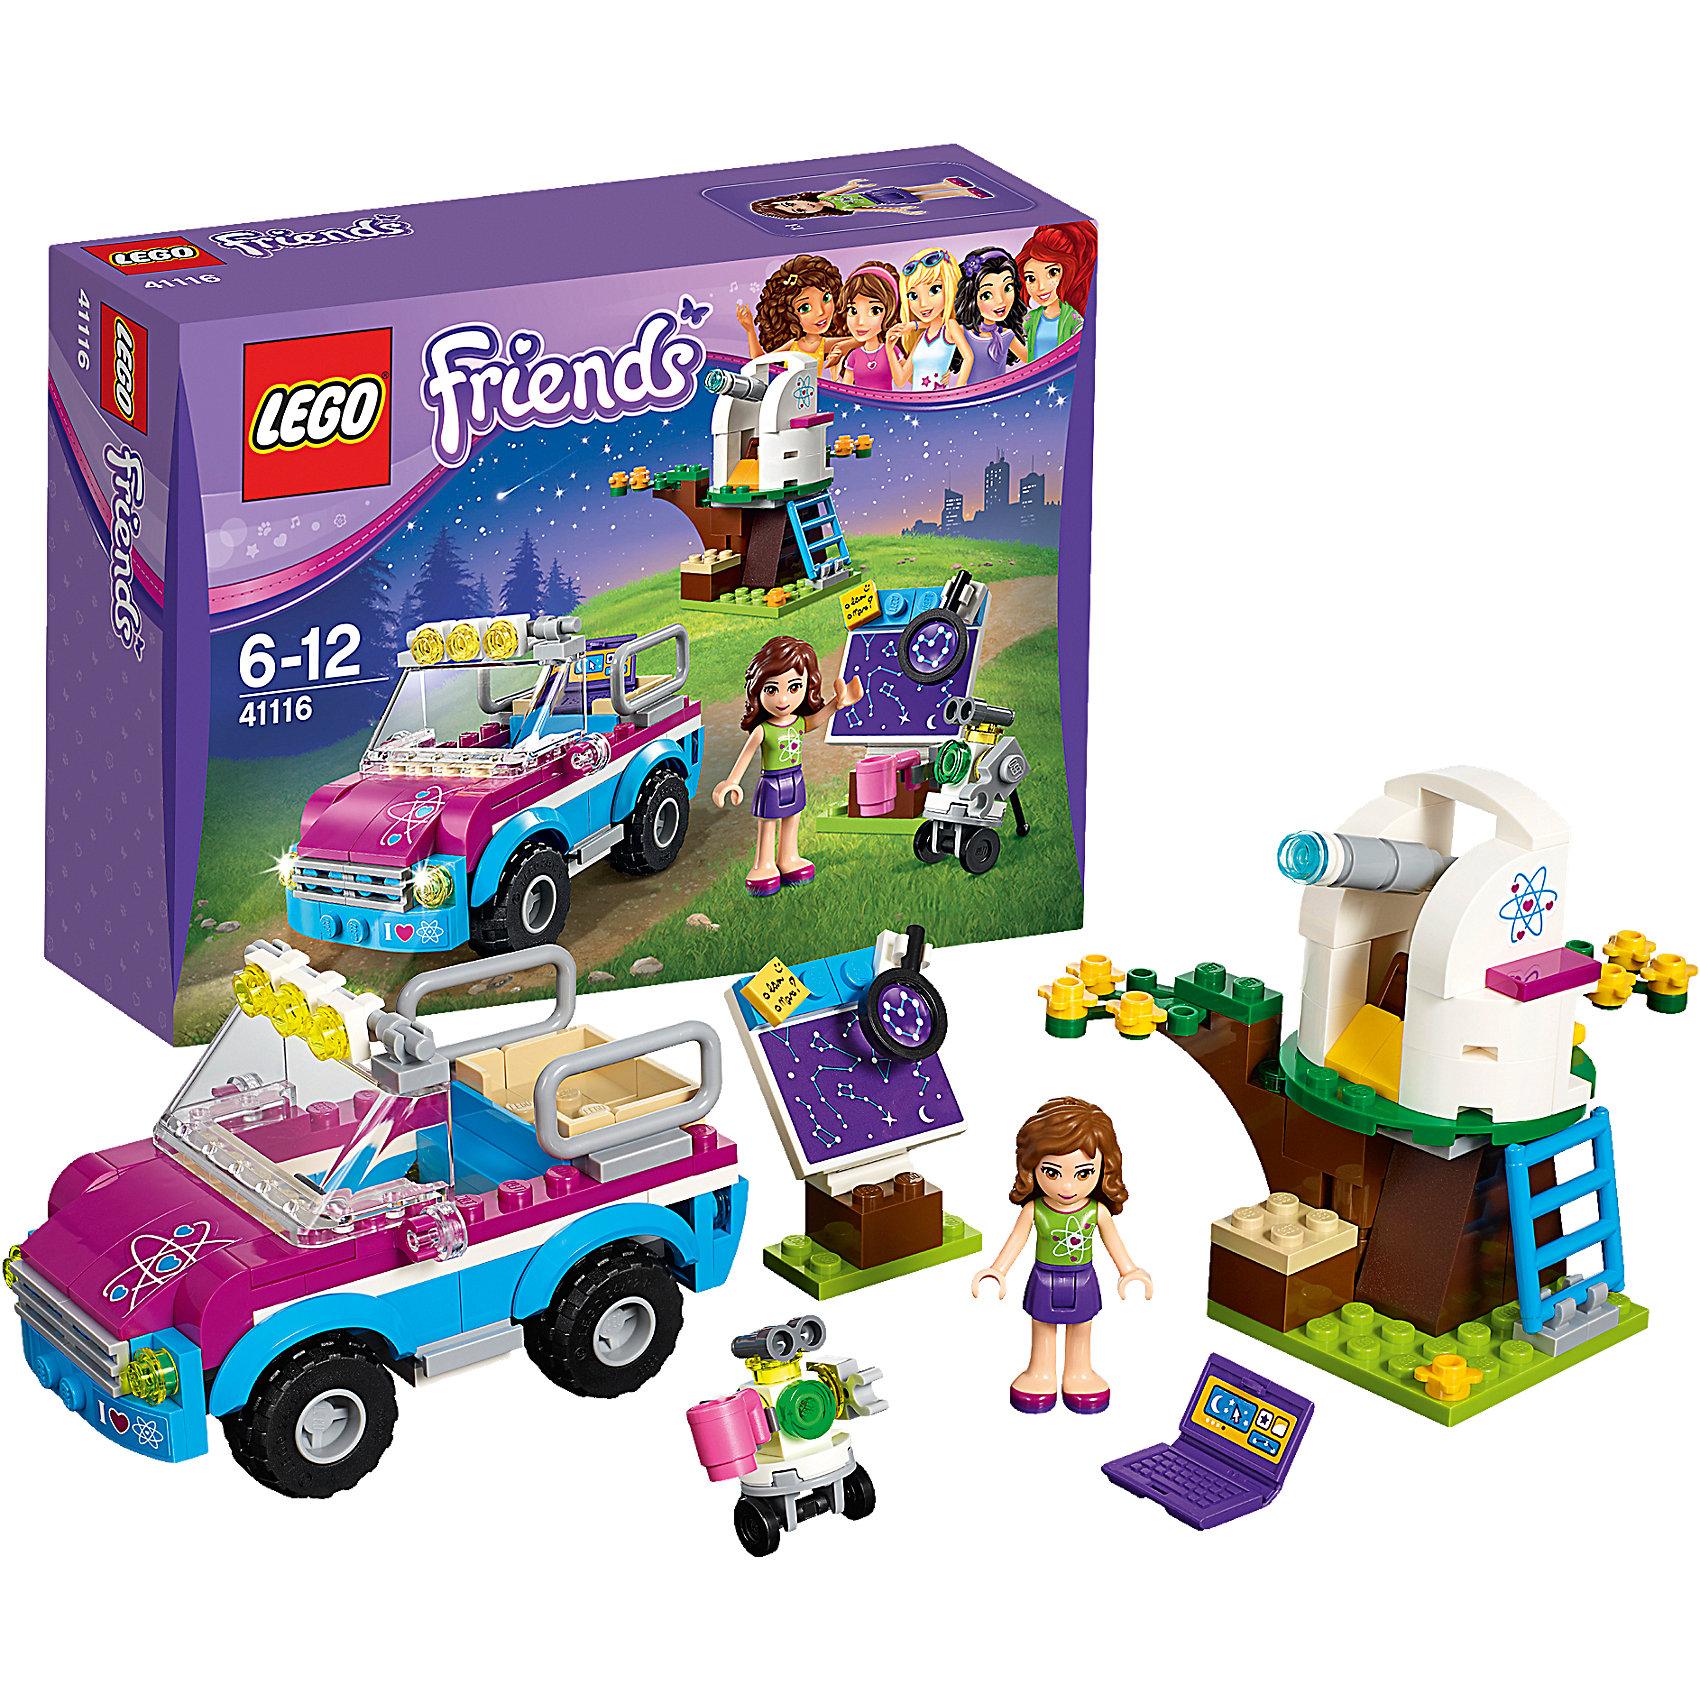 LEGO Friends 41116: Звездное небо Оливии